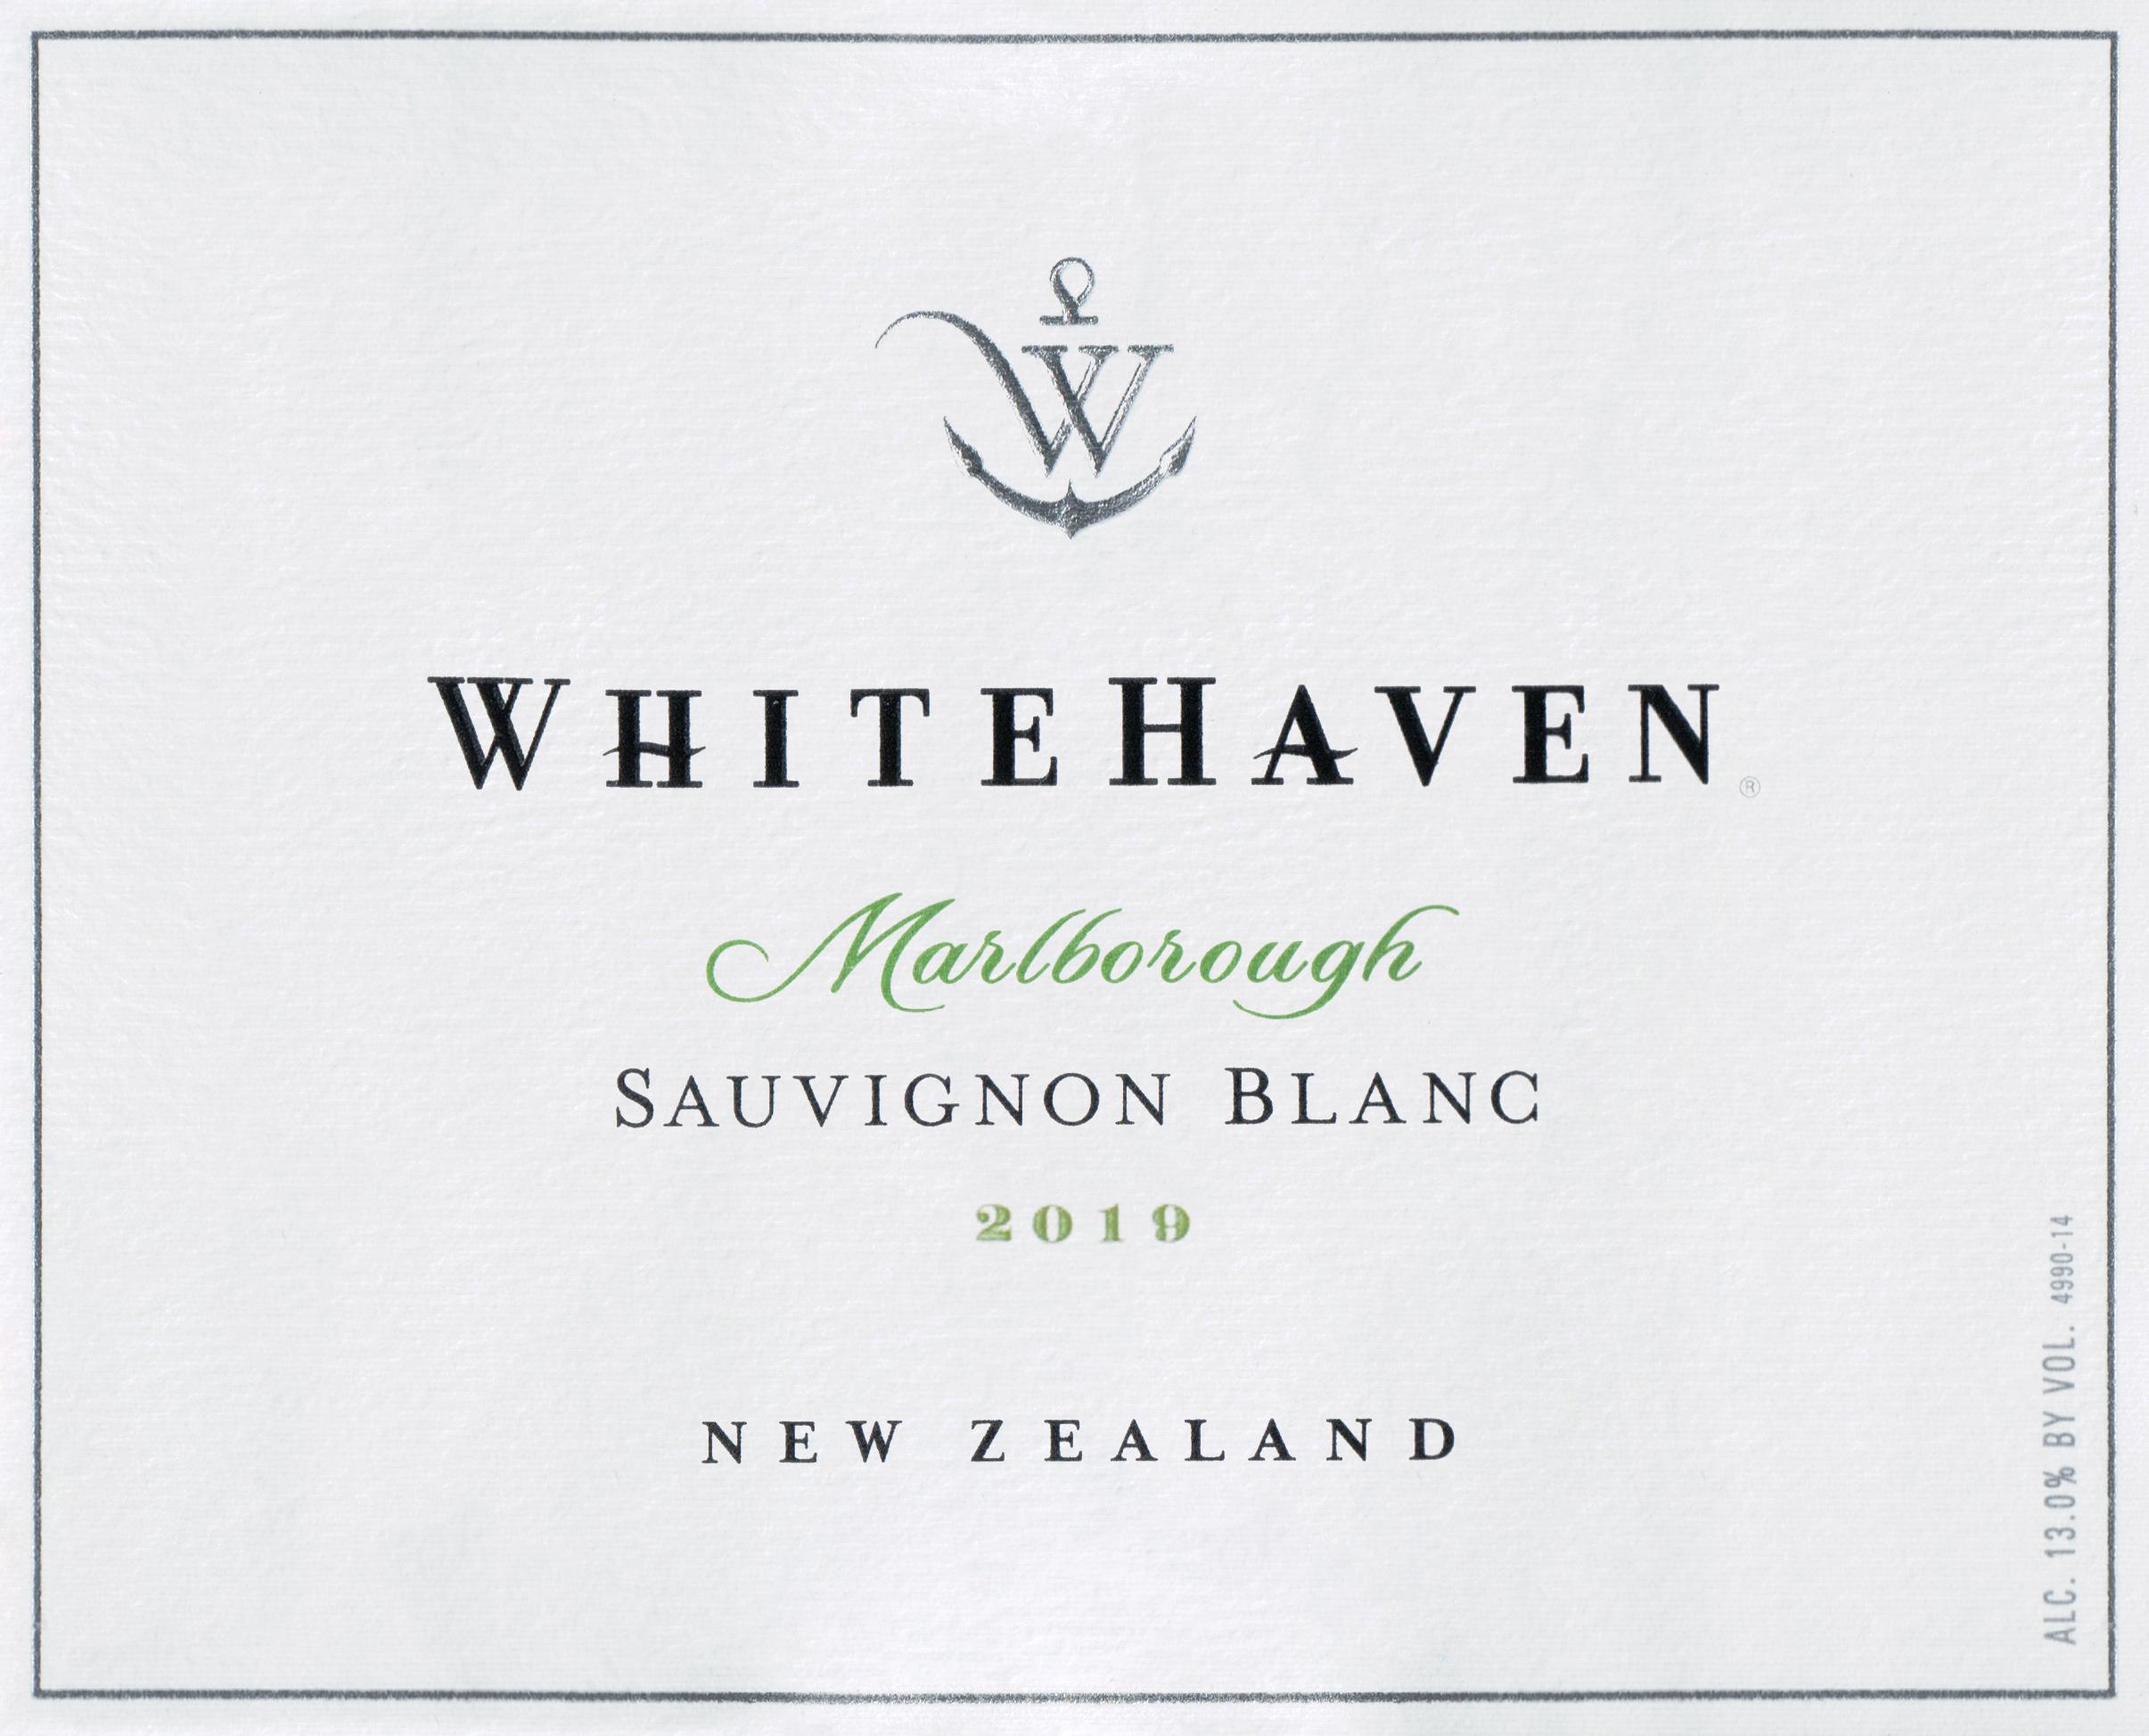 Whitehaven Sauvignon Blanc 2019